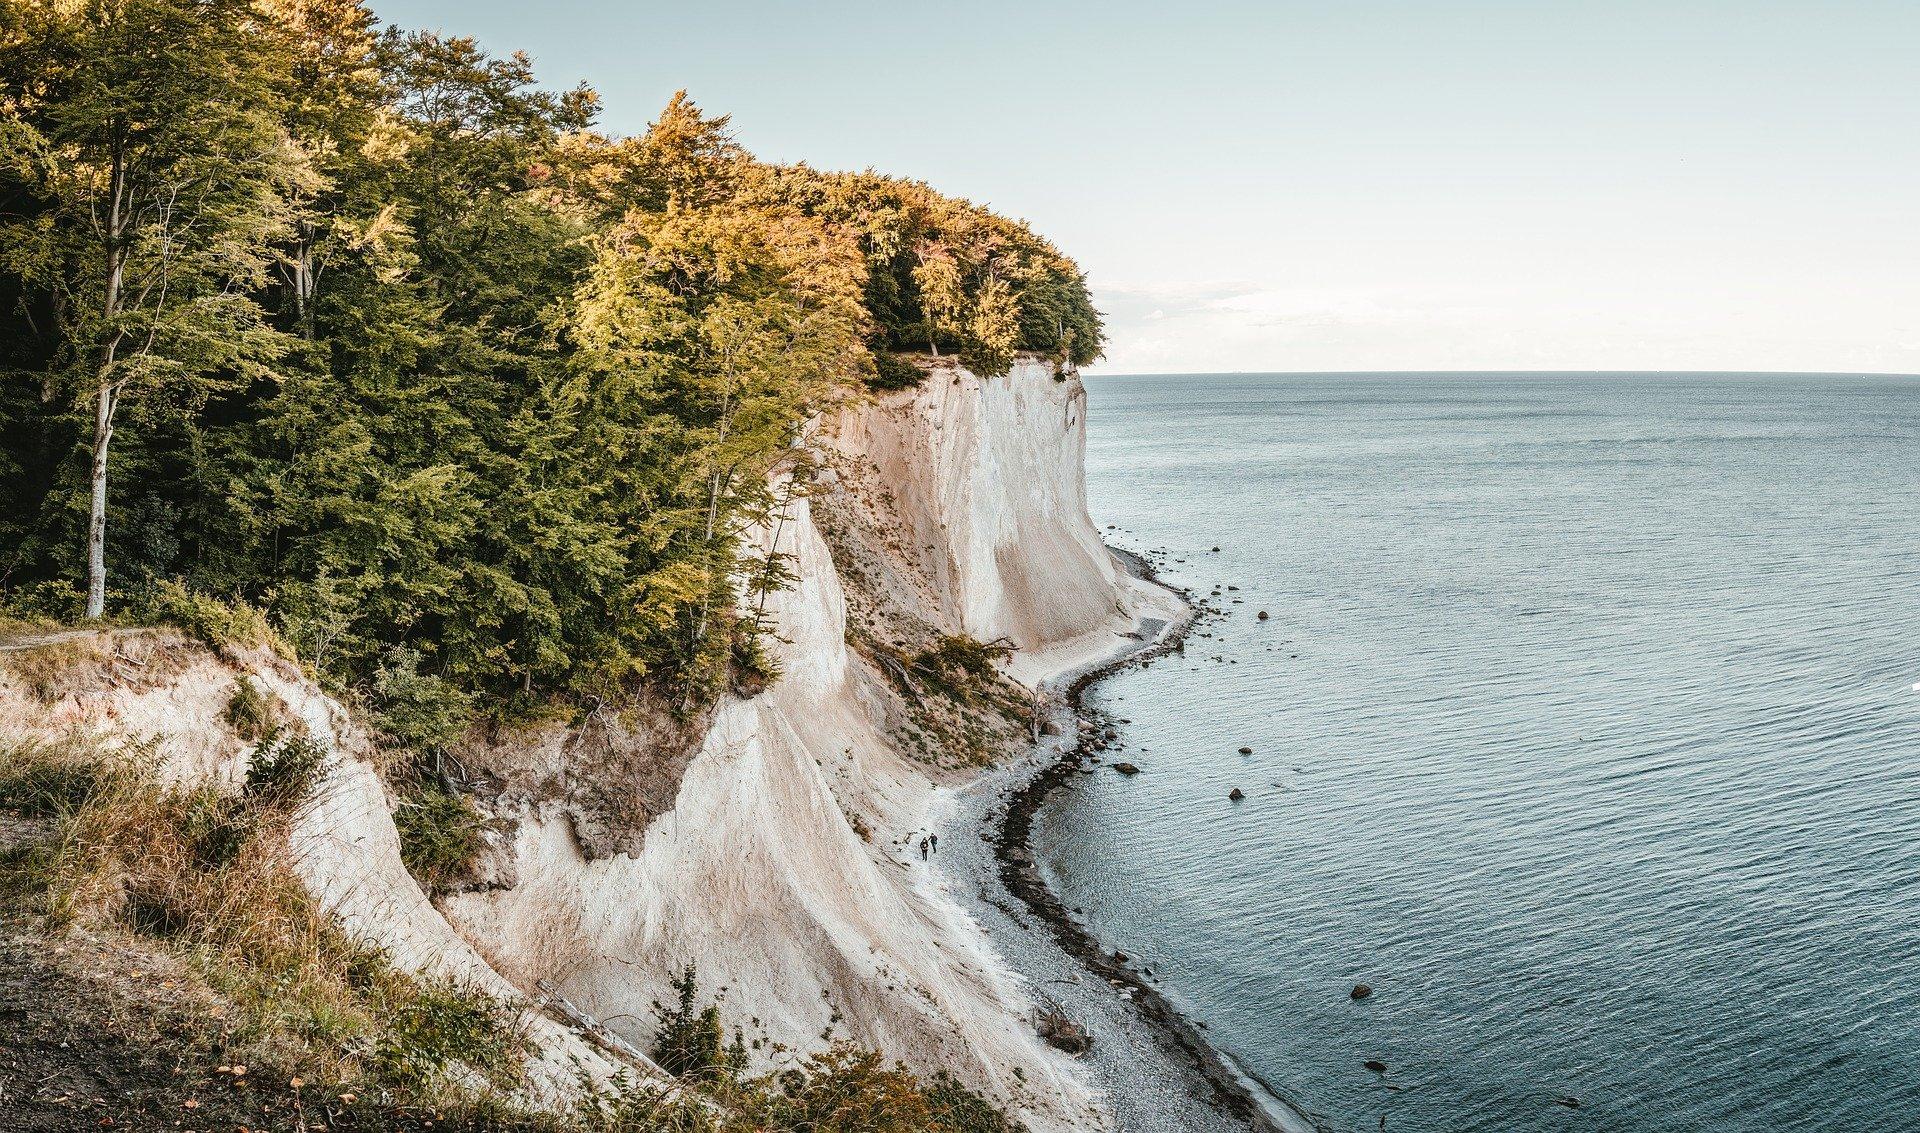 Steilküste Rügen Ostsee